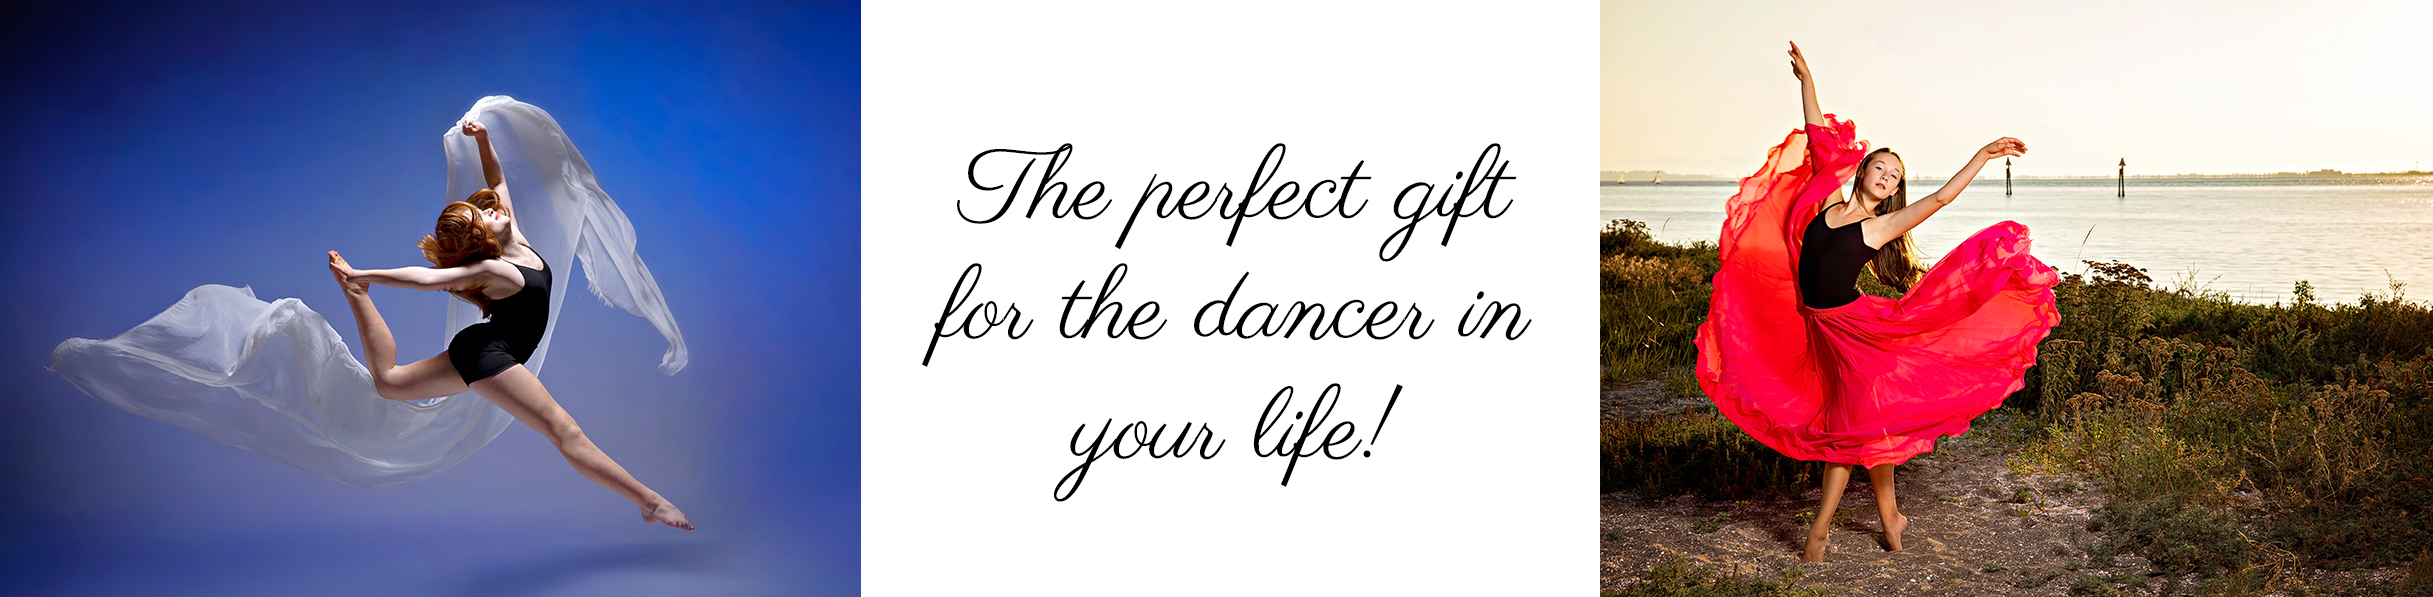 dance cg.jpg